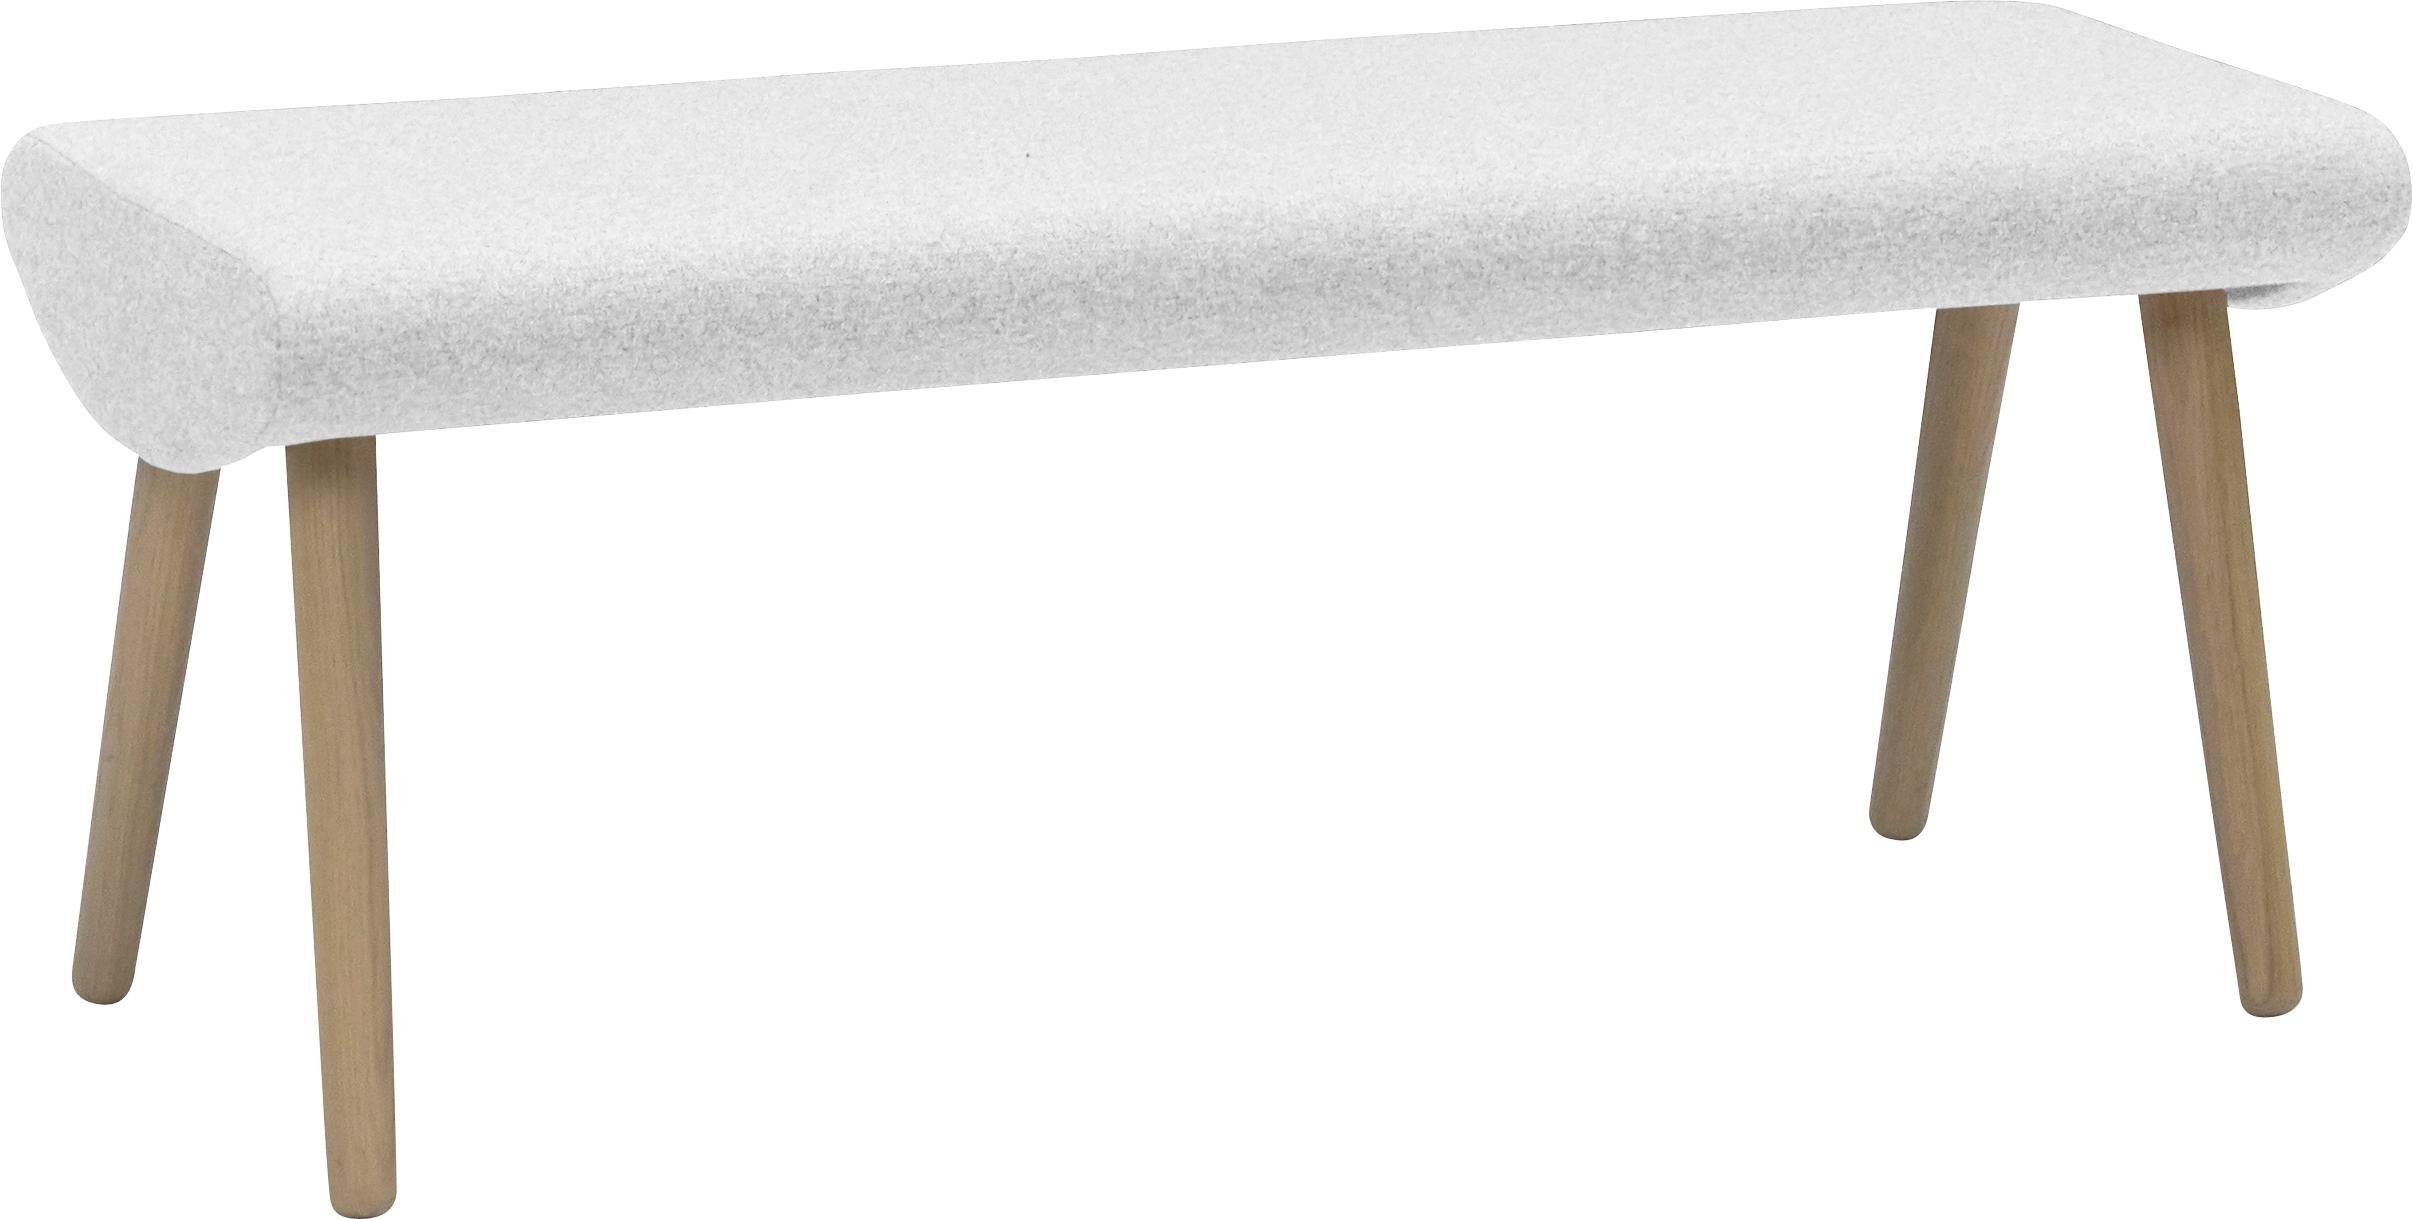 Sitzbank »Eclipse«, Breite 120 cm